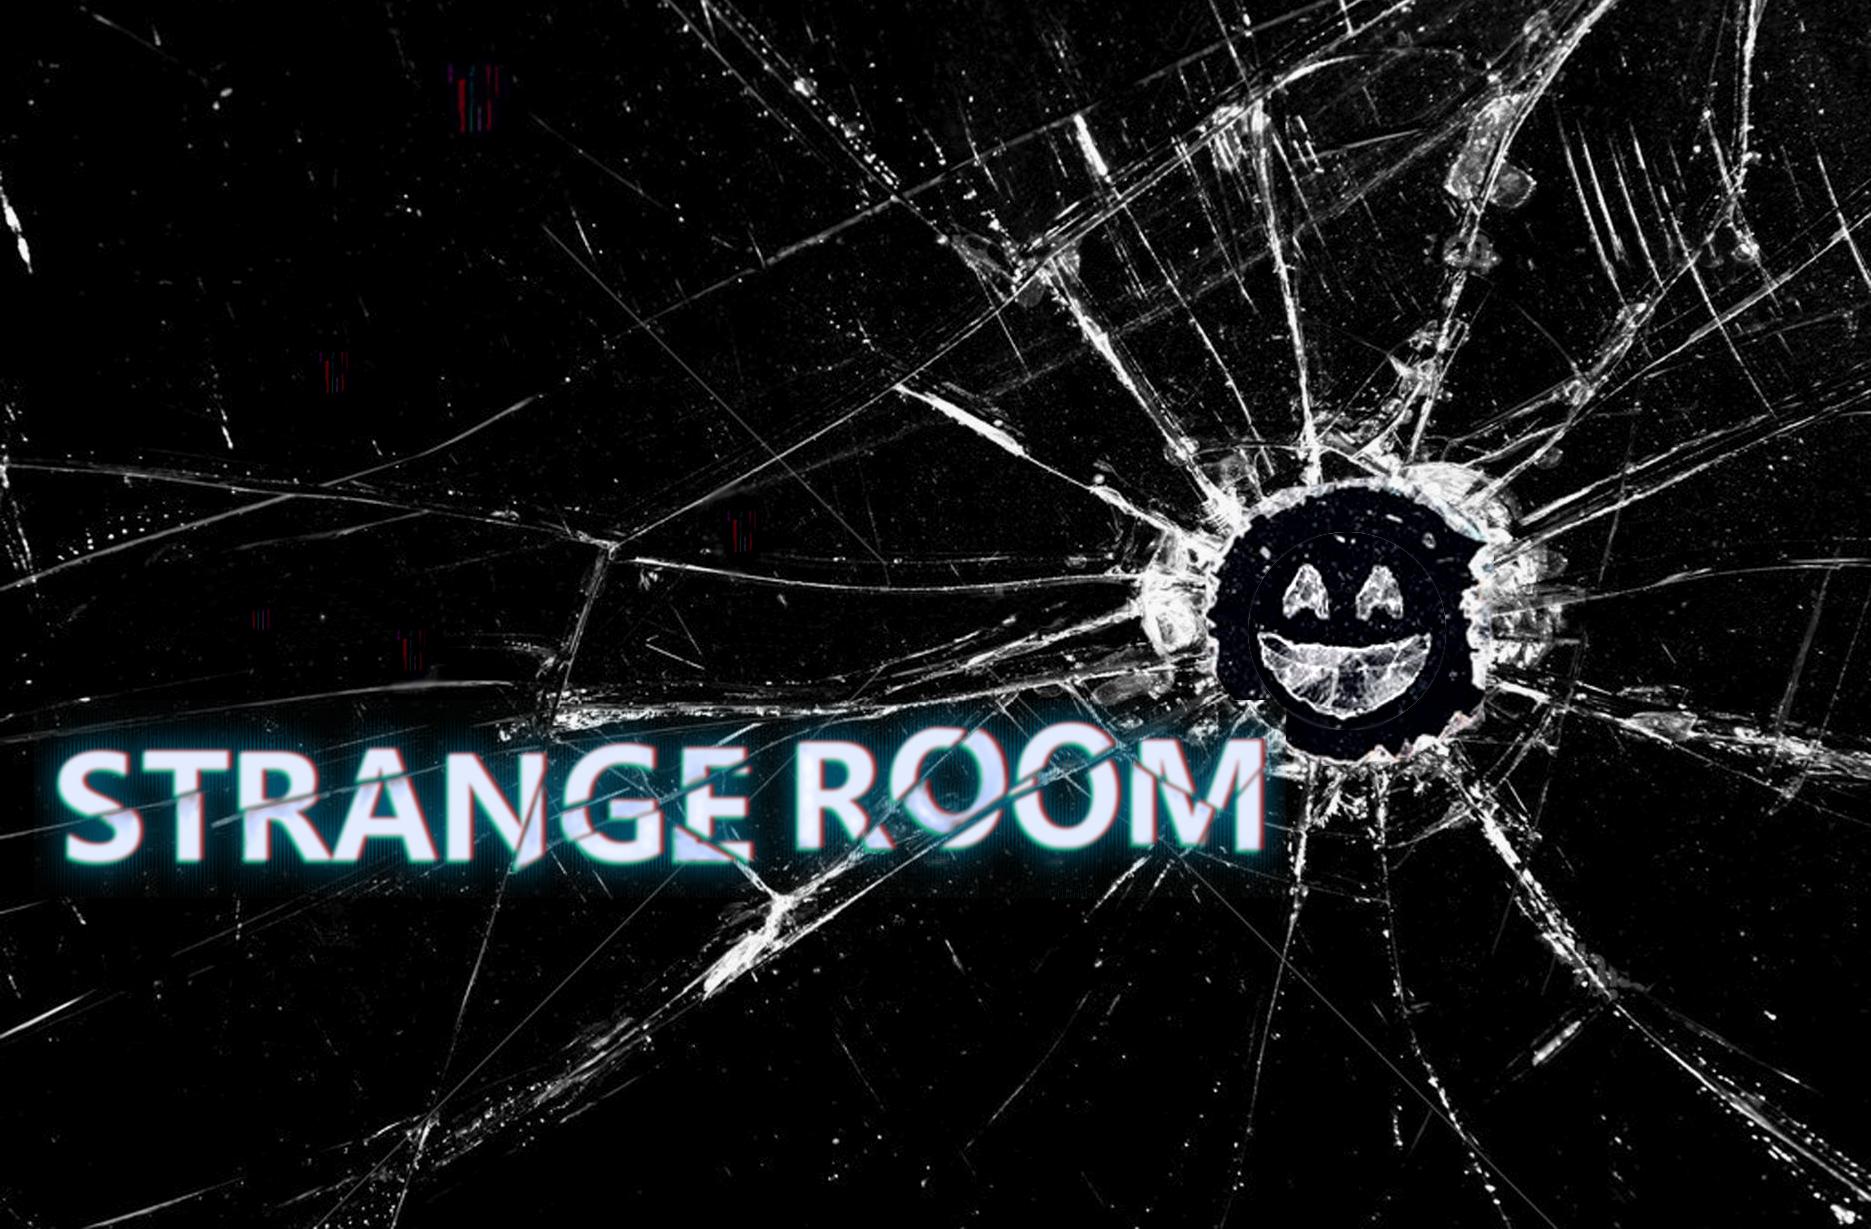 Strange Room NoxEscape